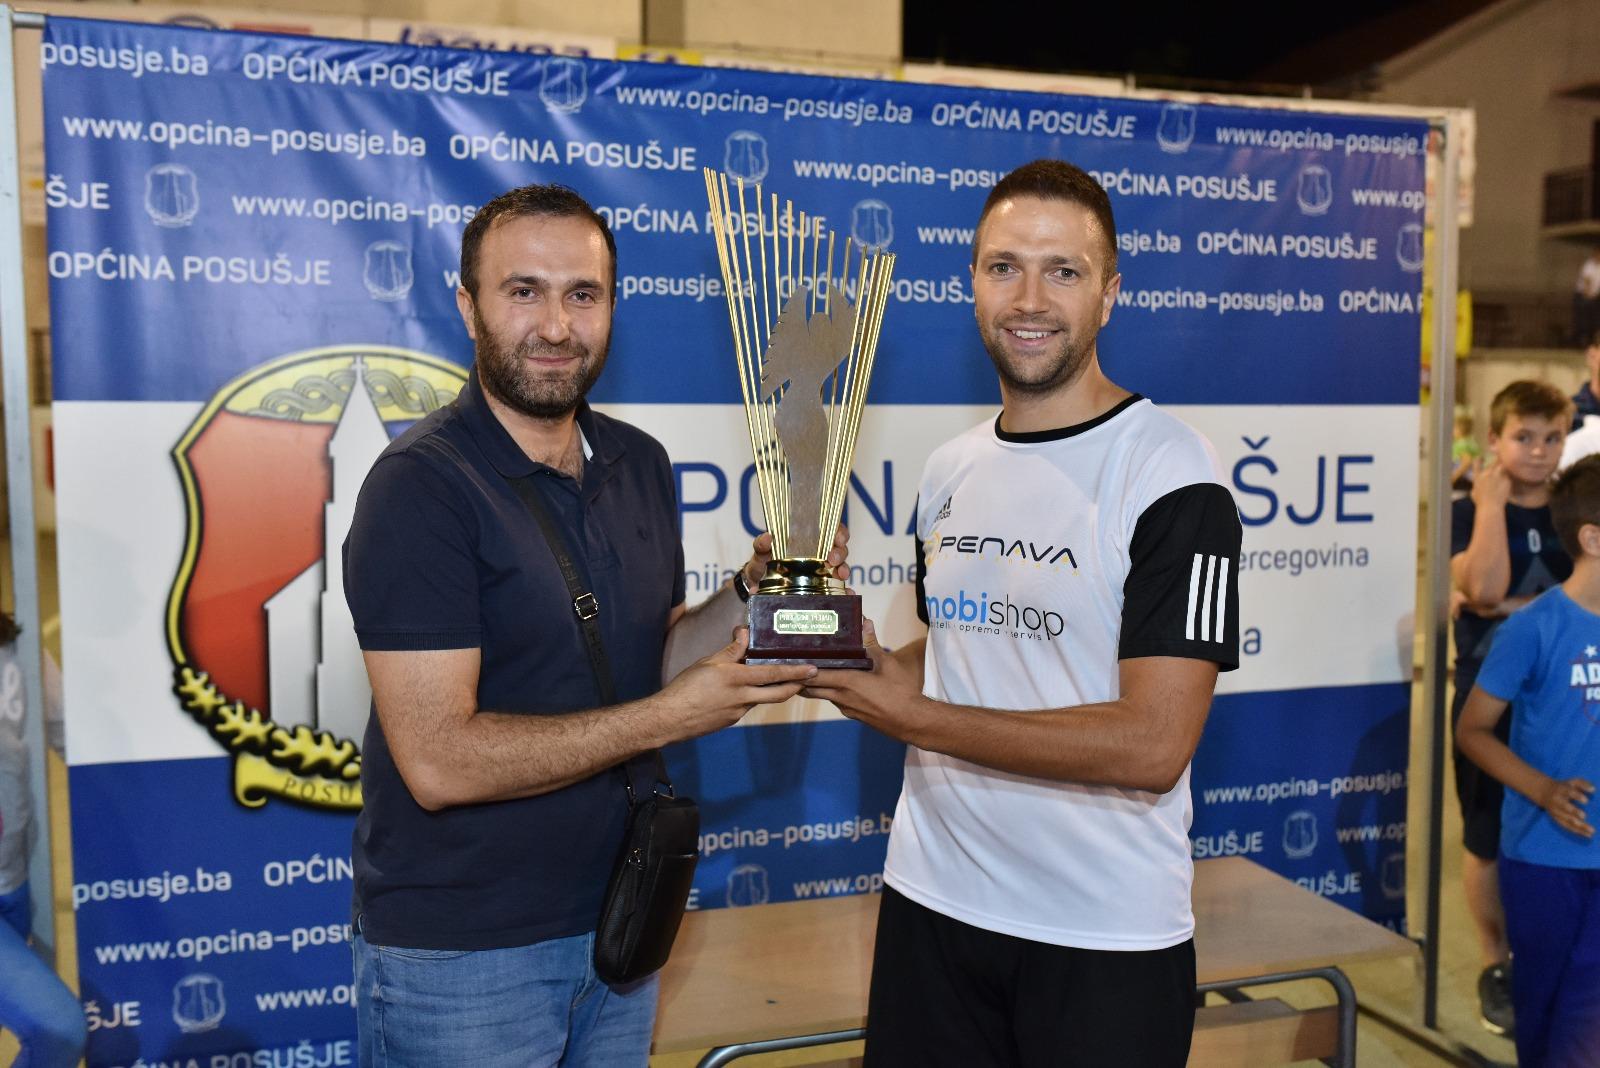 Završen Malonogometni turnir mjesnih zajednica, sela, zaselaka i gradskih četvrti Općine Posušje